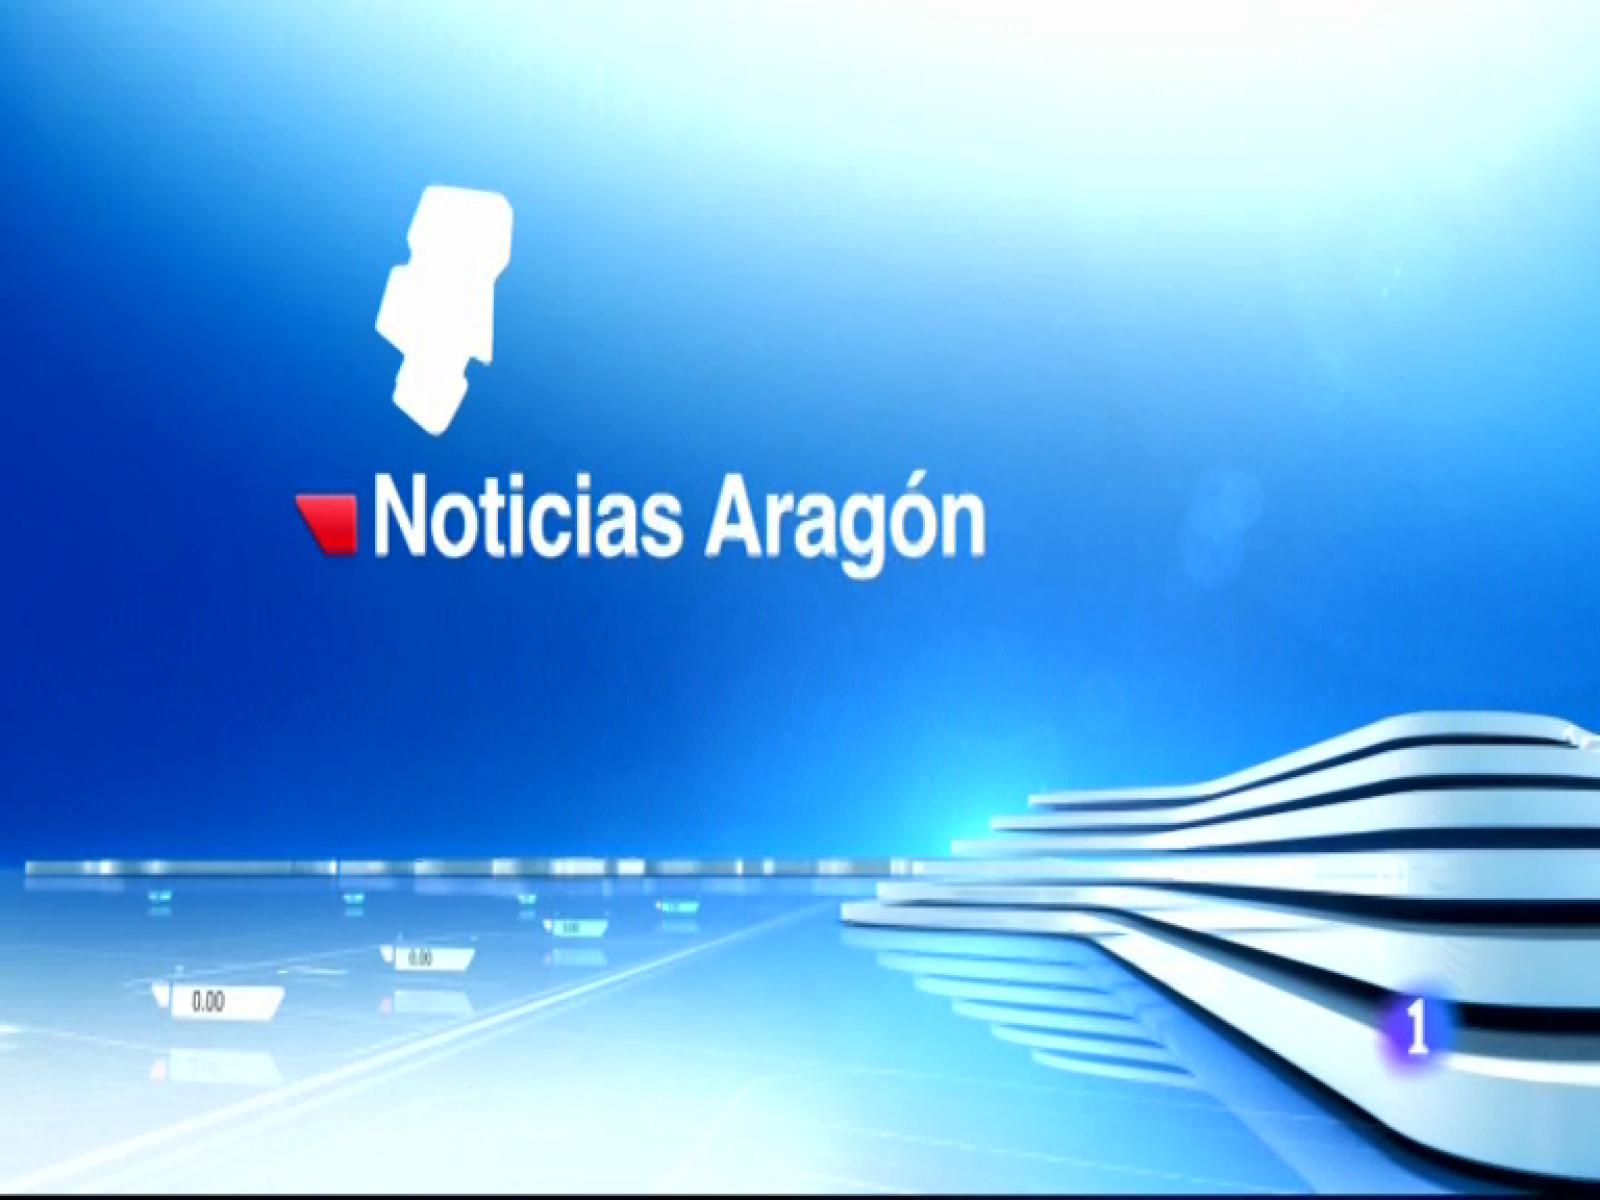 Aragón en 2' - 24/02/2020